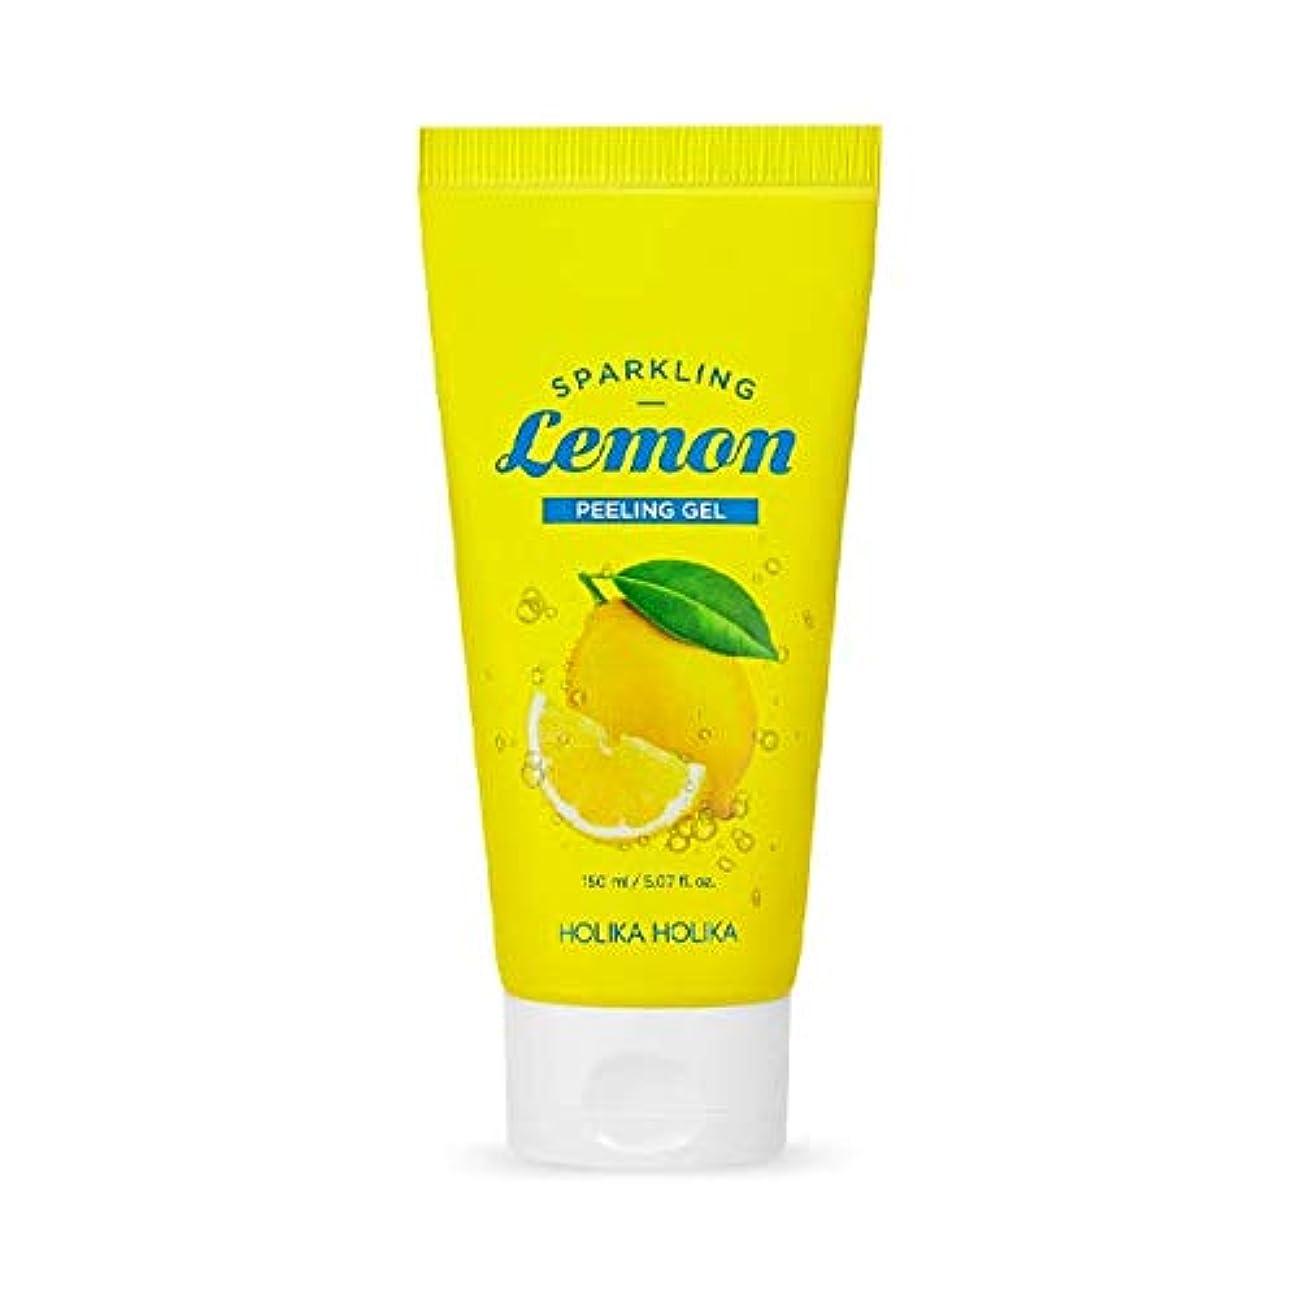 シアー保証金急襲ホリカホリカ 炭酸レモンピーリングジェル/HOLIKA Sparkling Lemon Peeling Gel 150ml 韓国コスメ [並行輸入品]